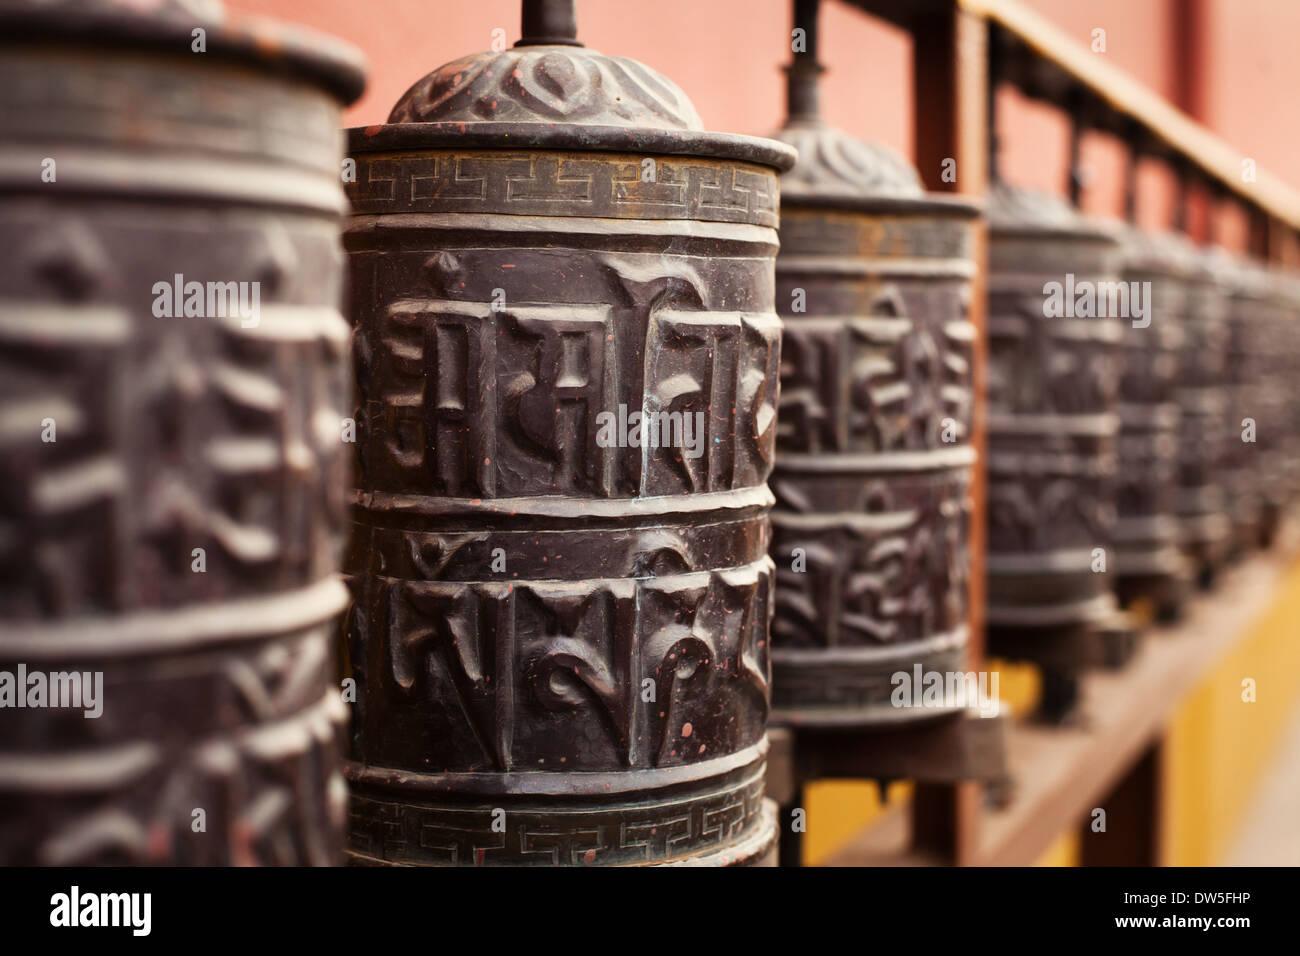 prayer mills in buddhist monastery - Stock Image